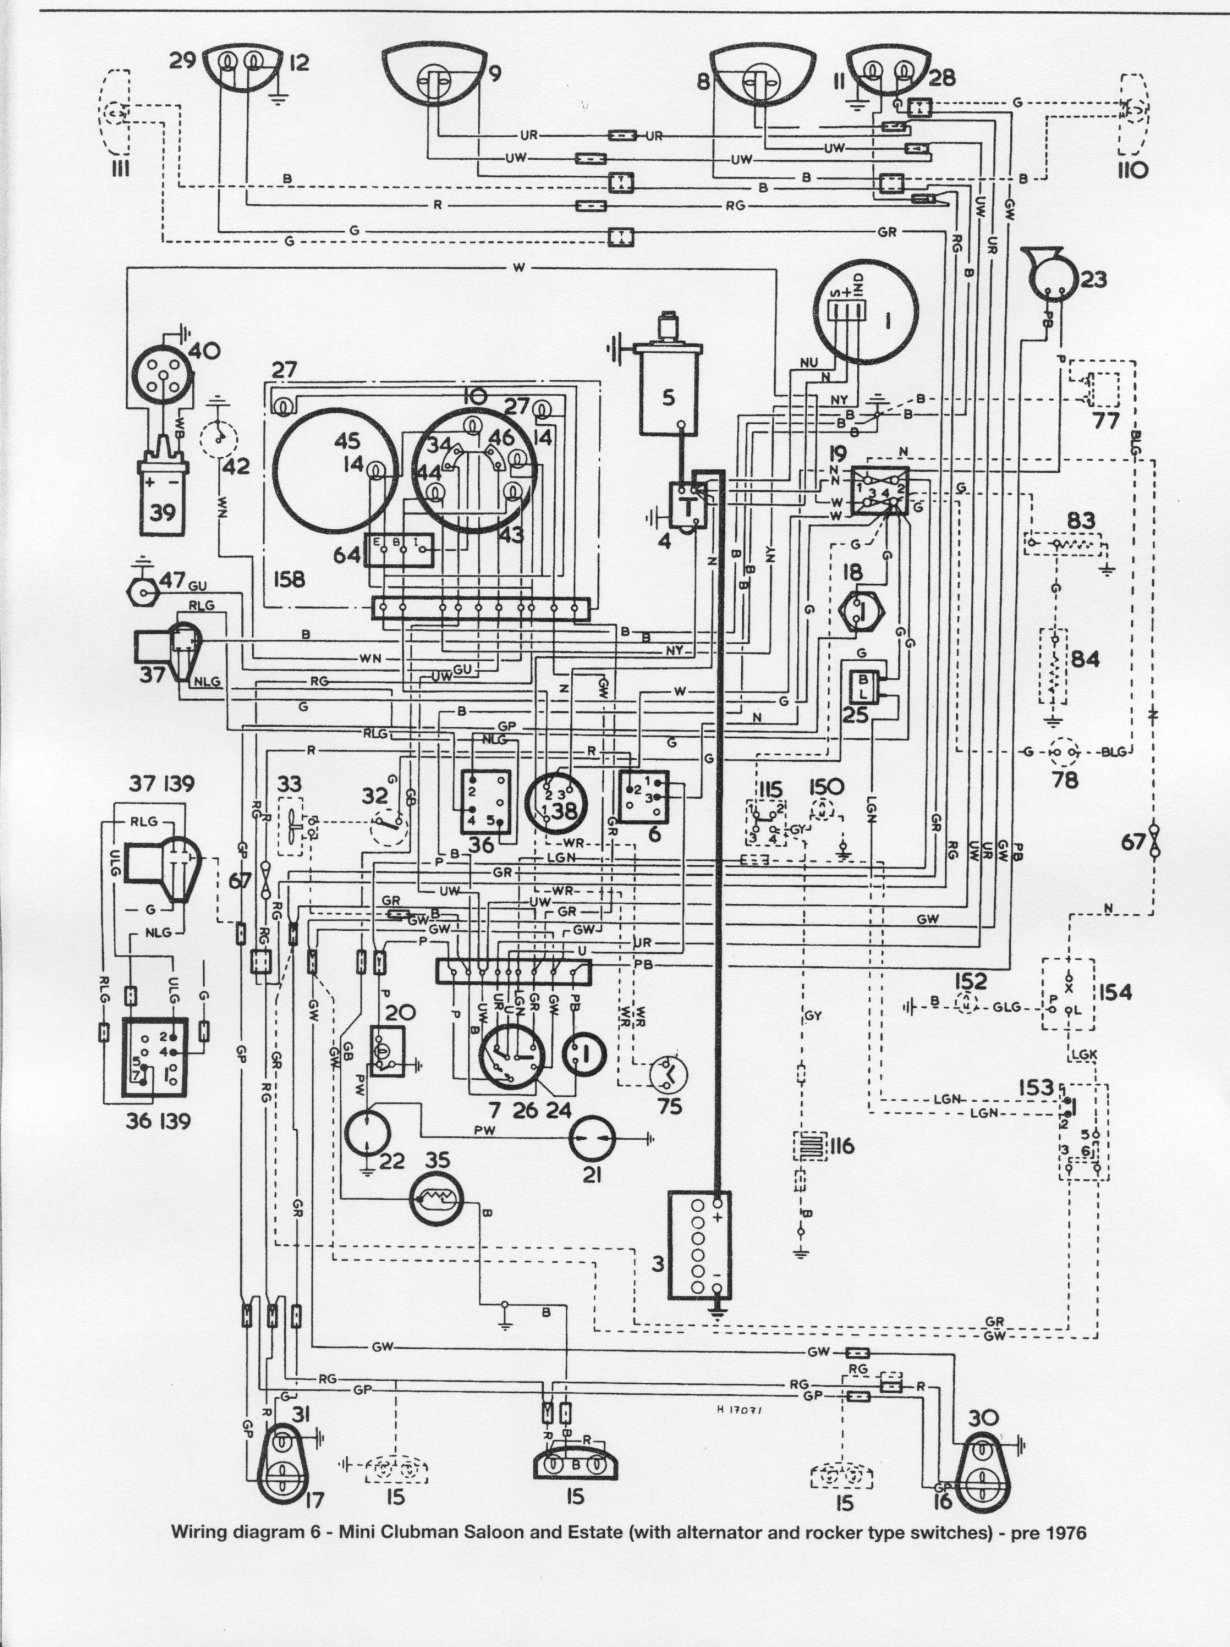 r1200rt wiring diagram [ 1230 x 1647 Pixel ]